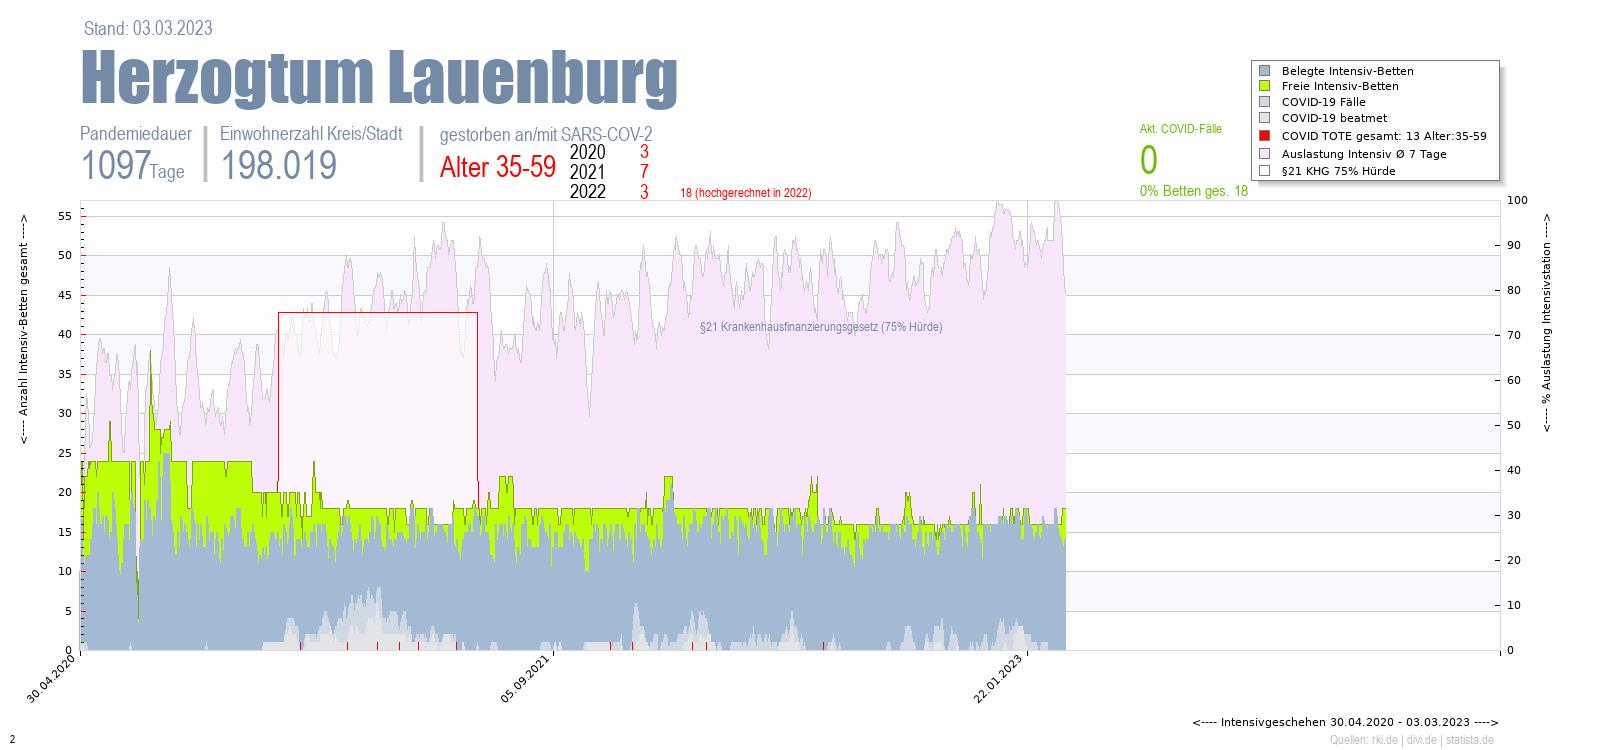 Intensivstation Auslastung Herzogtum Lauenburg Alter 0-4